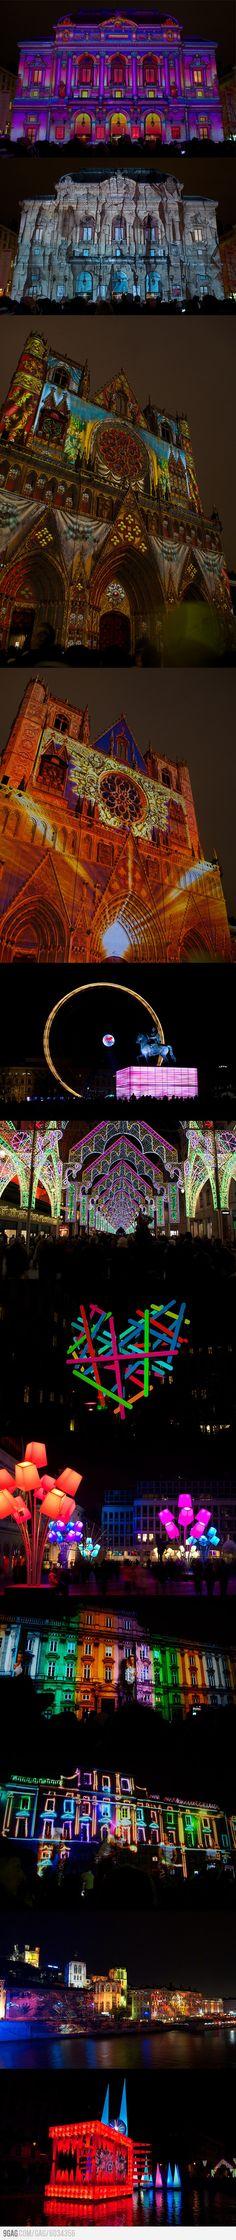 Festival of Lights 2012 in Lyon, France Espectacular vista del teatro Les Celestines, la catedral de San Juan, el Hotel d' Ville y el río Saone